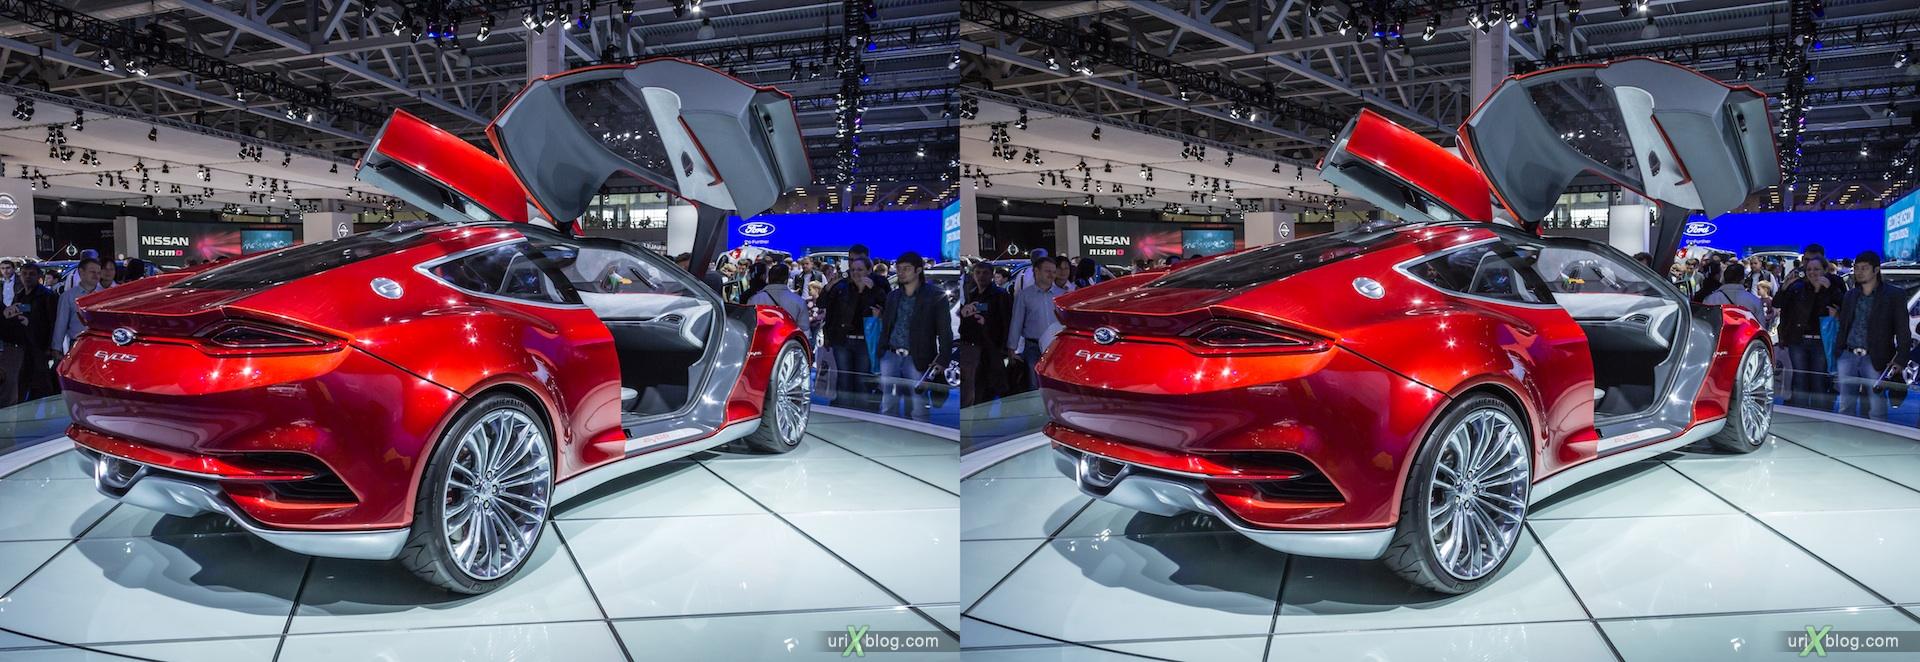 2012, Ford Evos, Московский международный автомобильный салон, ММАС, Крокус Экспо, 3D, стереопара